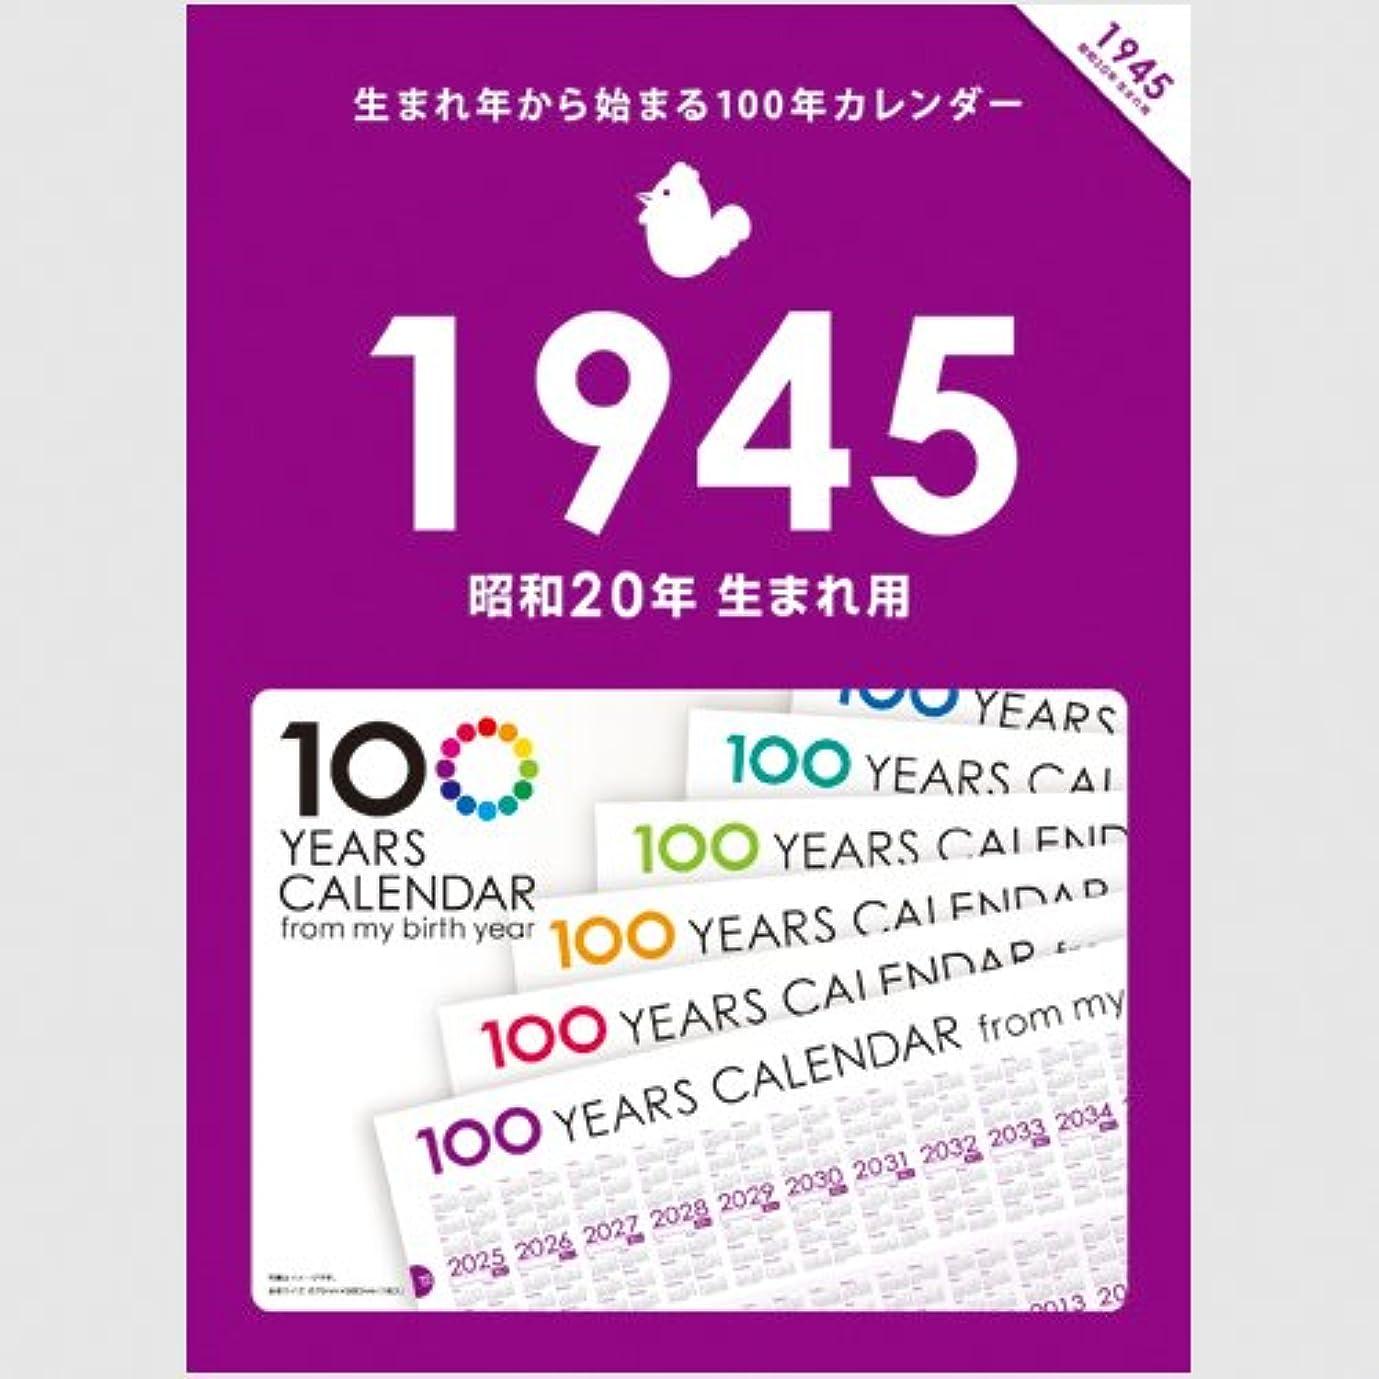 いま差別する評論家生まれ年から始まる100年カレンダーシリーズ 1945年生まれ用(昭和20年生まれ用)